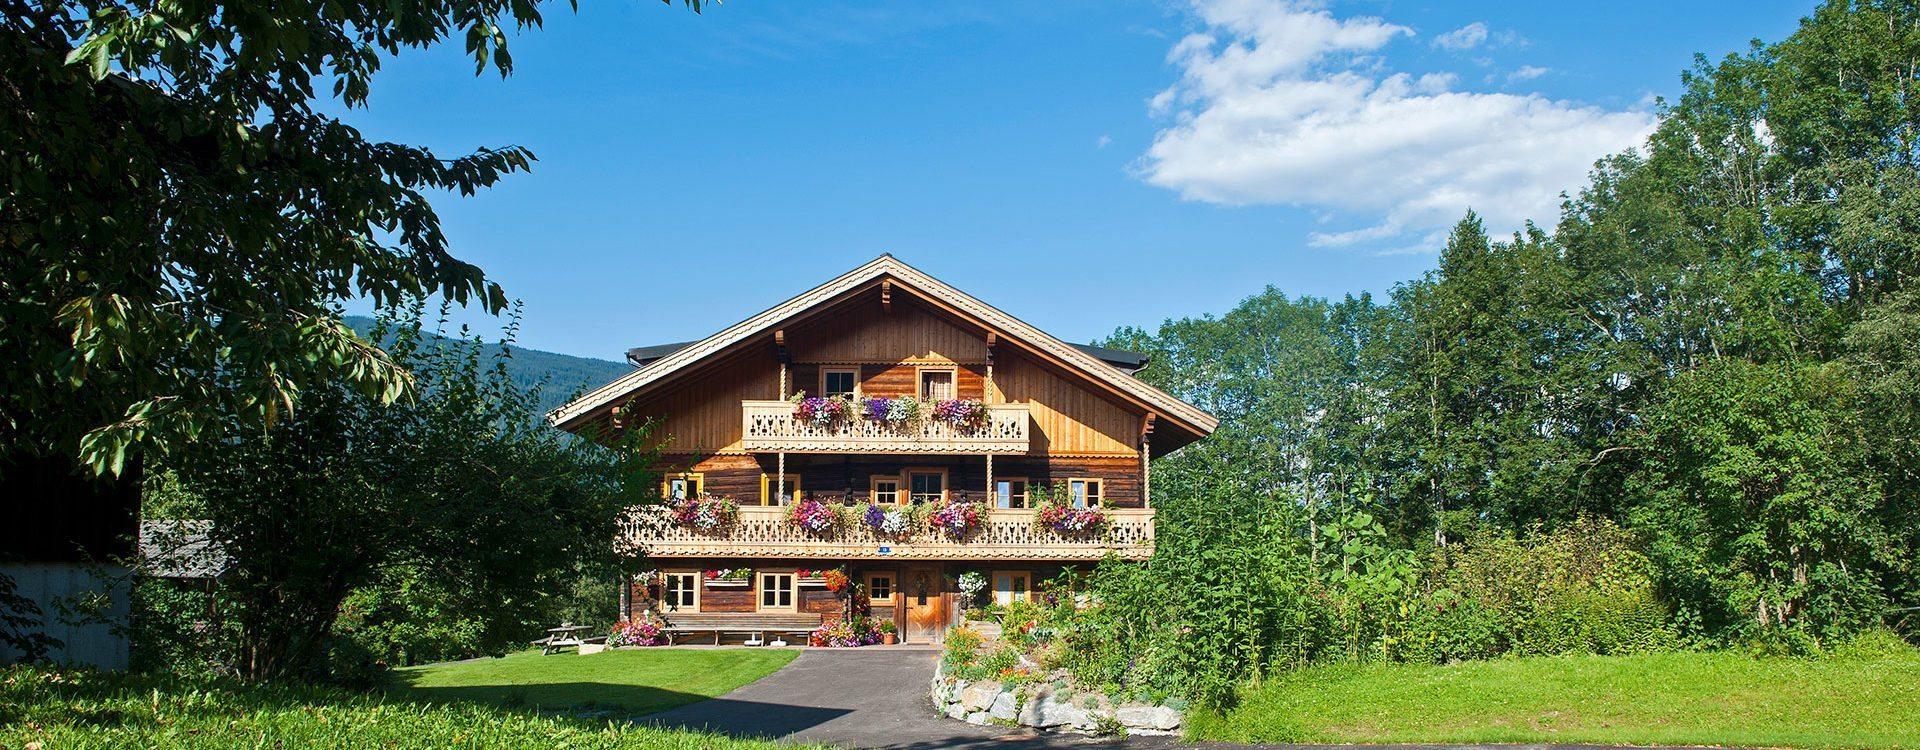 Beitragsbild Kontakt – Urlaub auf dem Bauernhof Hacklbauer in Altenmarkt, Salzburger Land